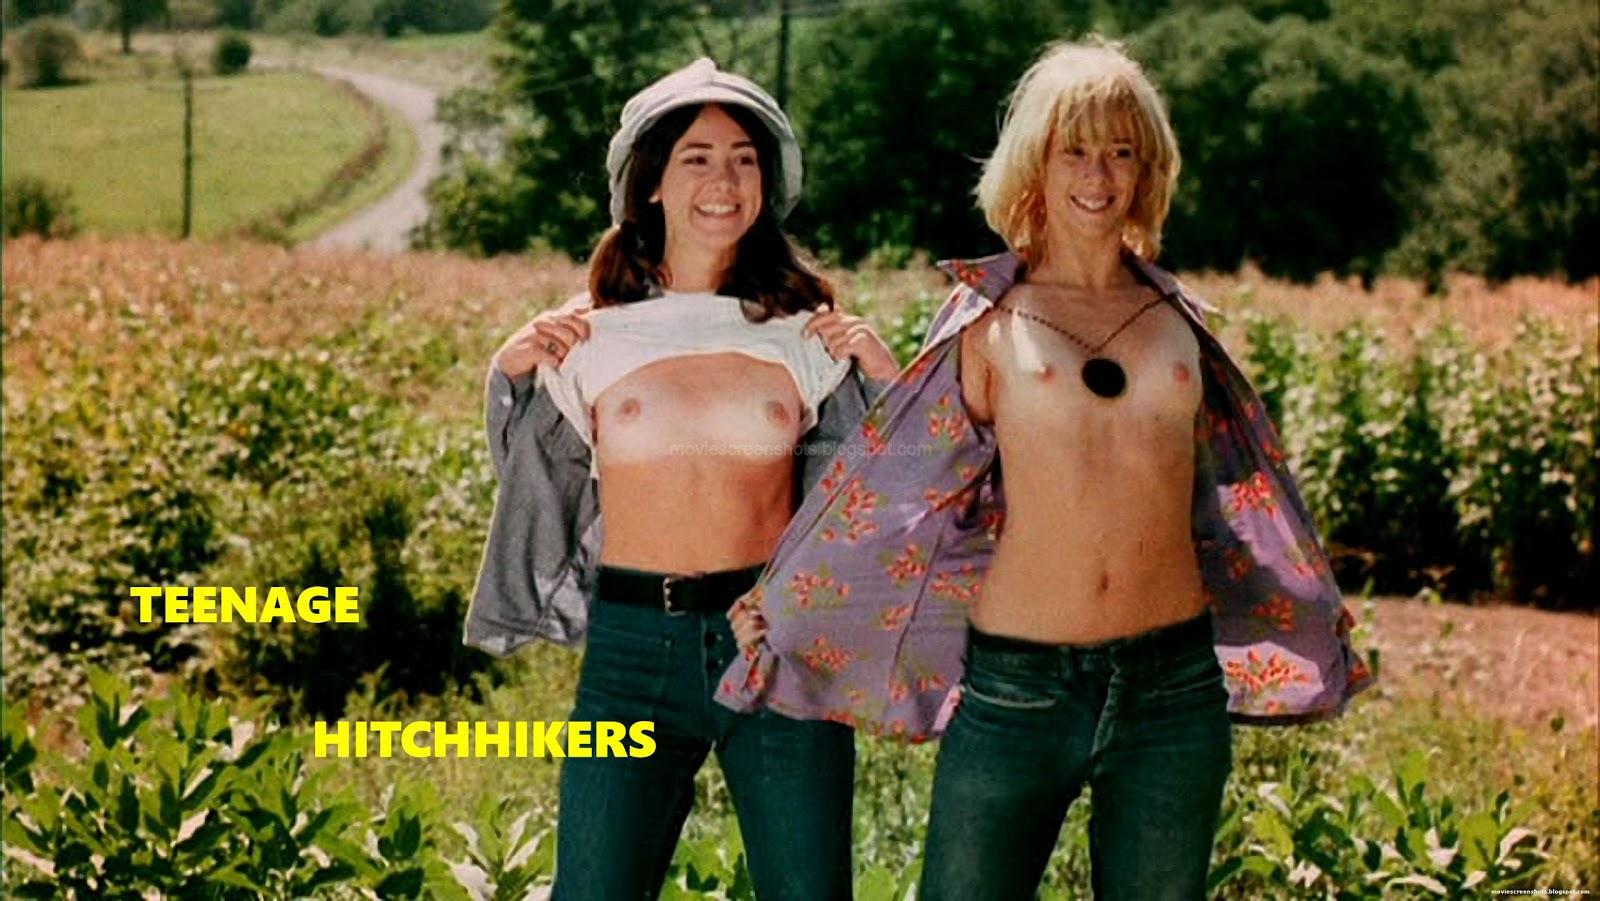 Teen In Movie Nude 98